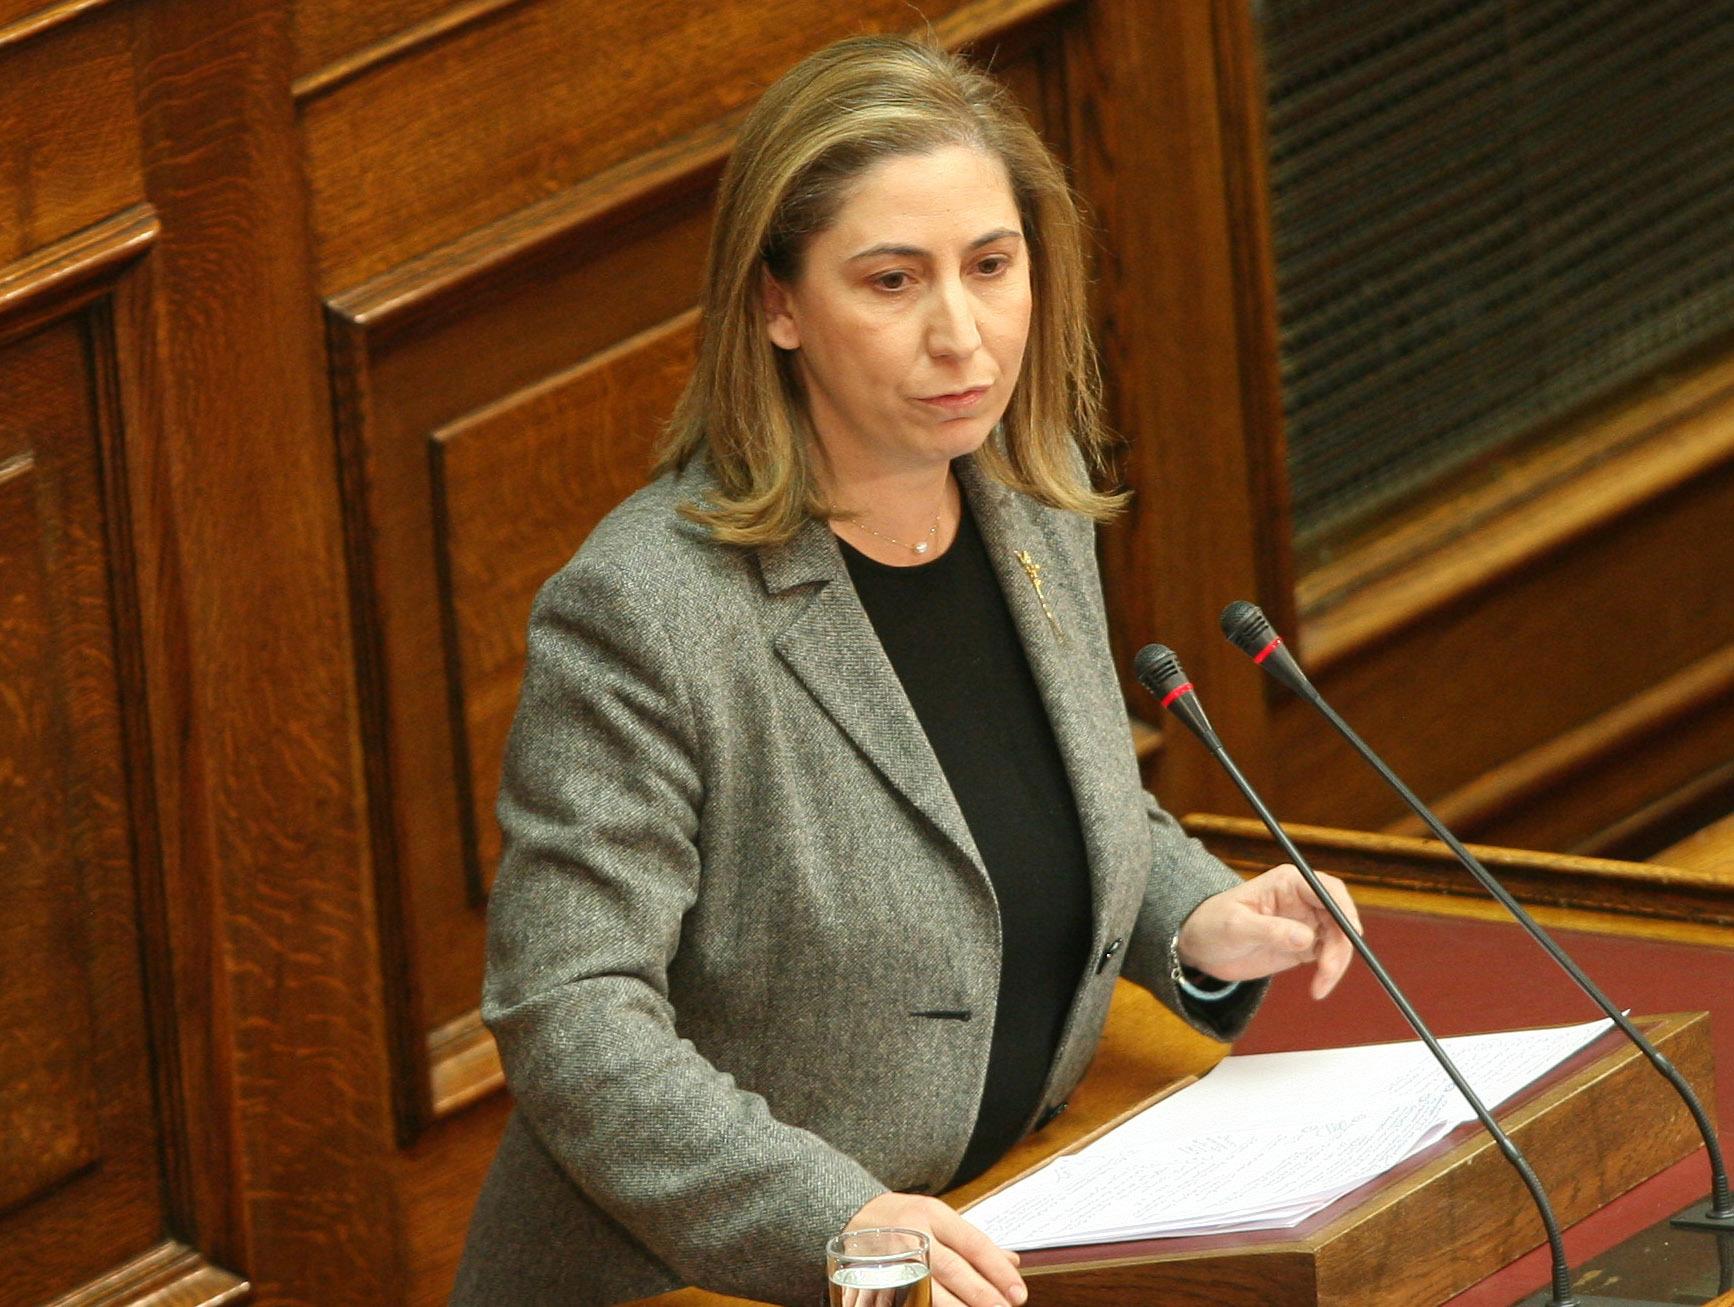 Μαριλίζα Ξενογιαννακοπούλου ΦΩΤΟ EUROKINISSI